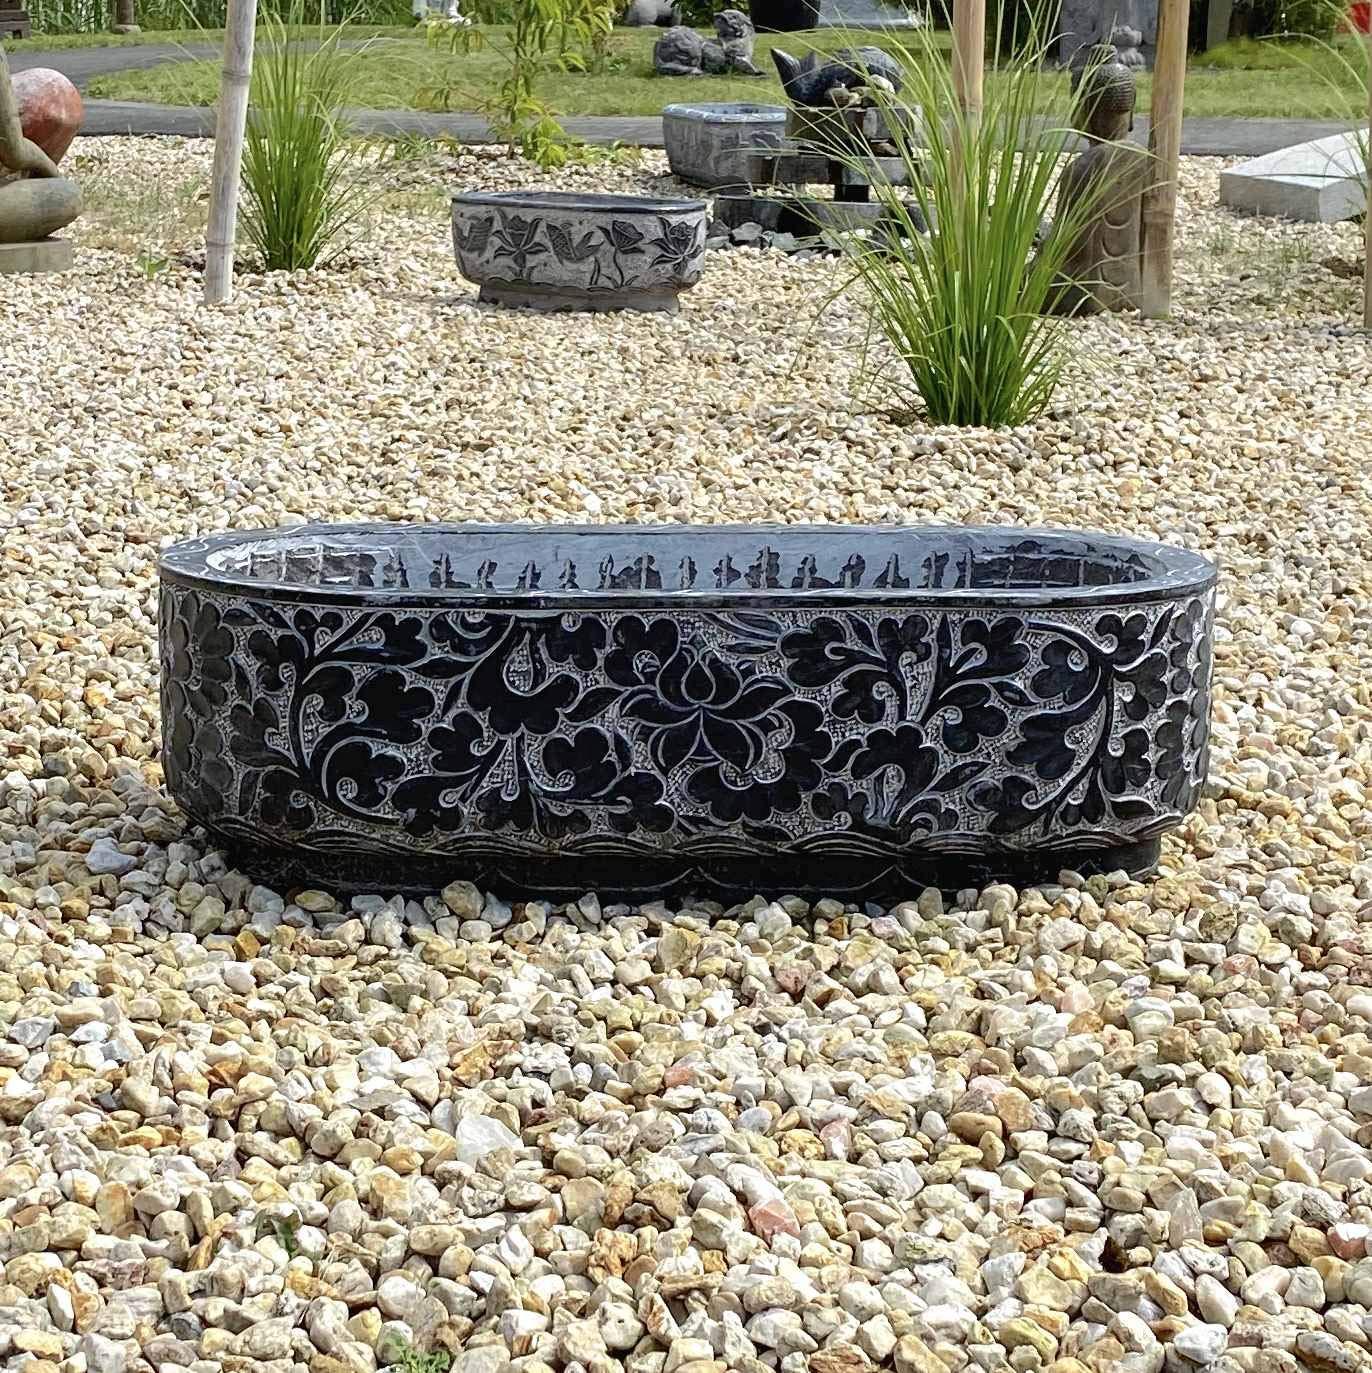 Asia Lifestyle - Gran macetero de piedra natural (90 cm) para jardín: Amazon.es: Jardín